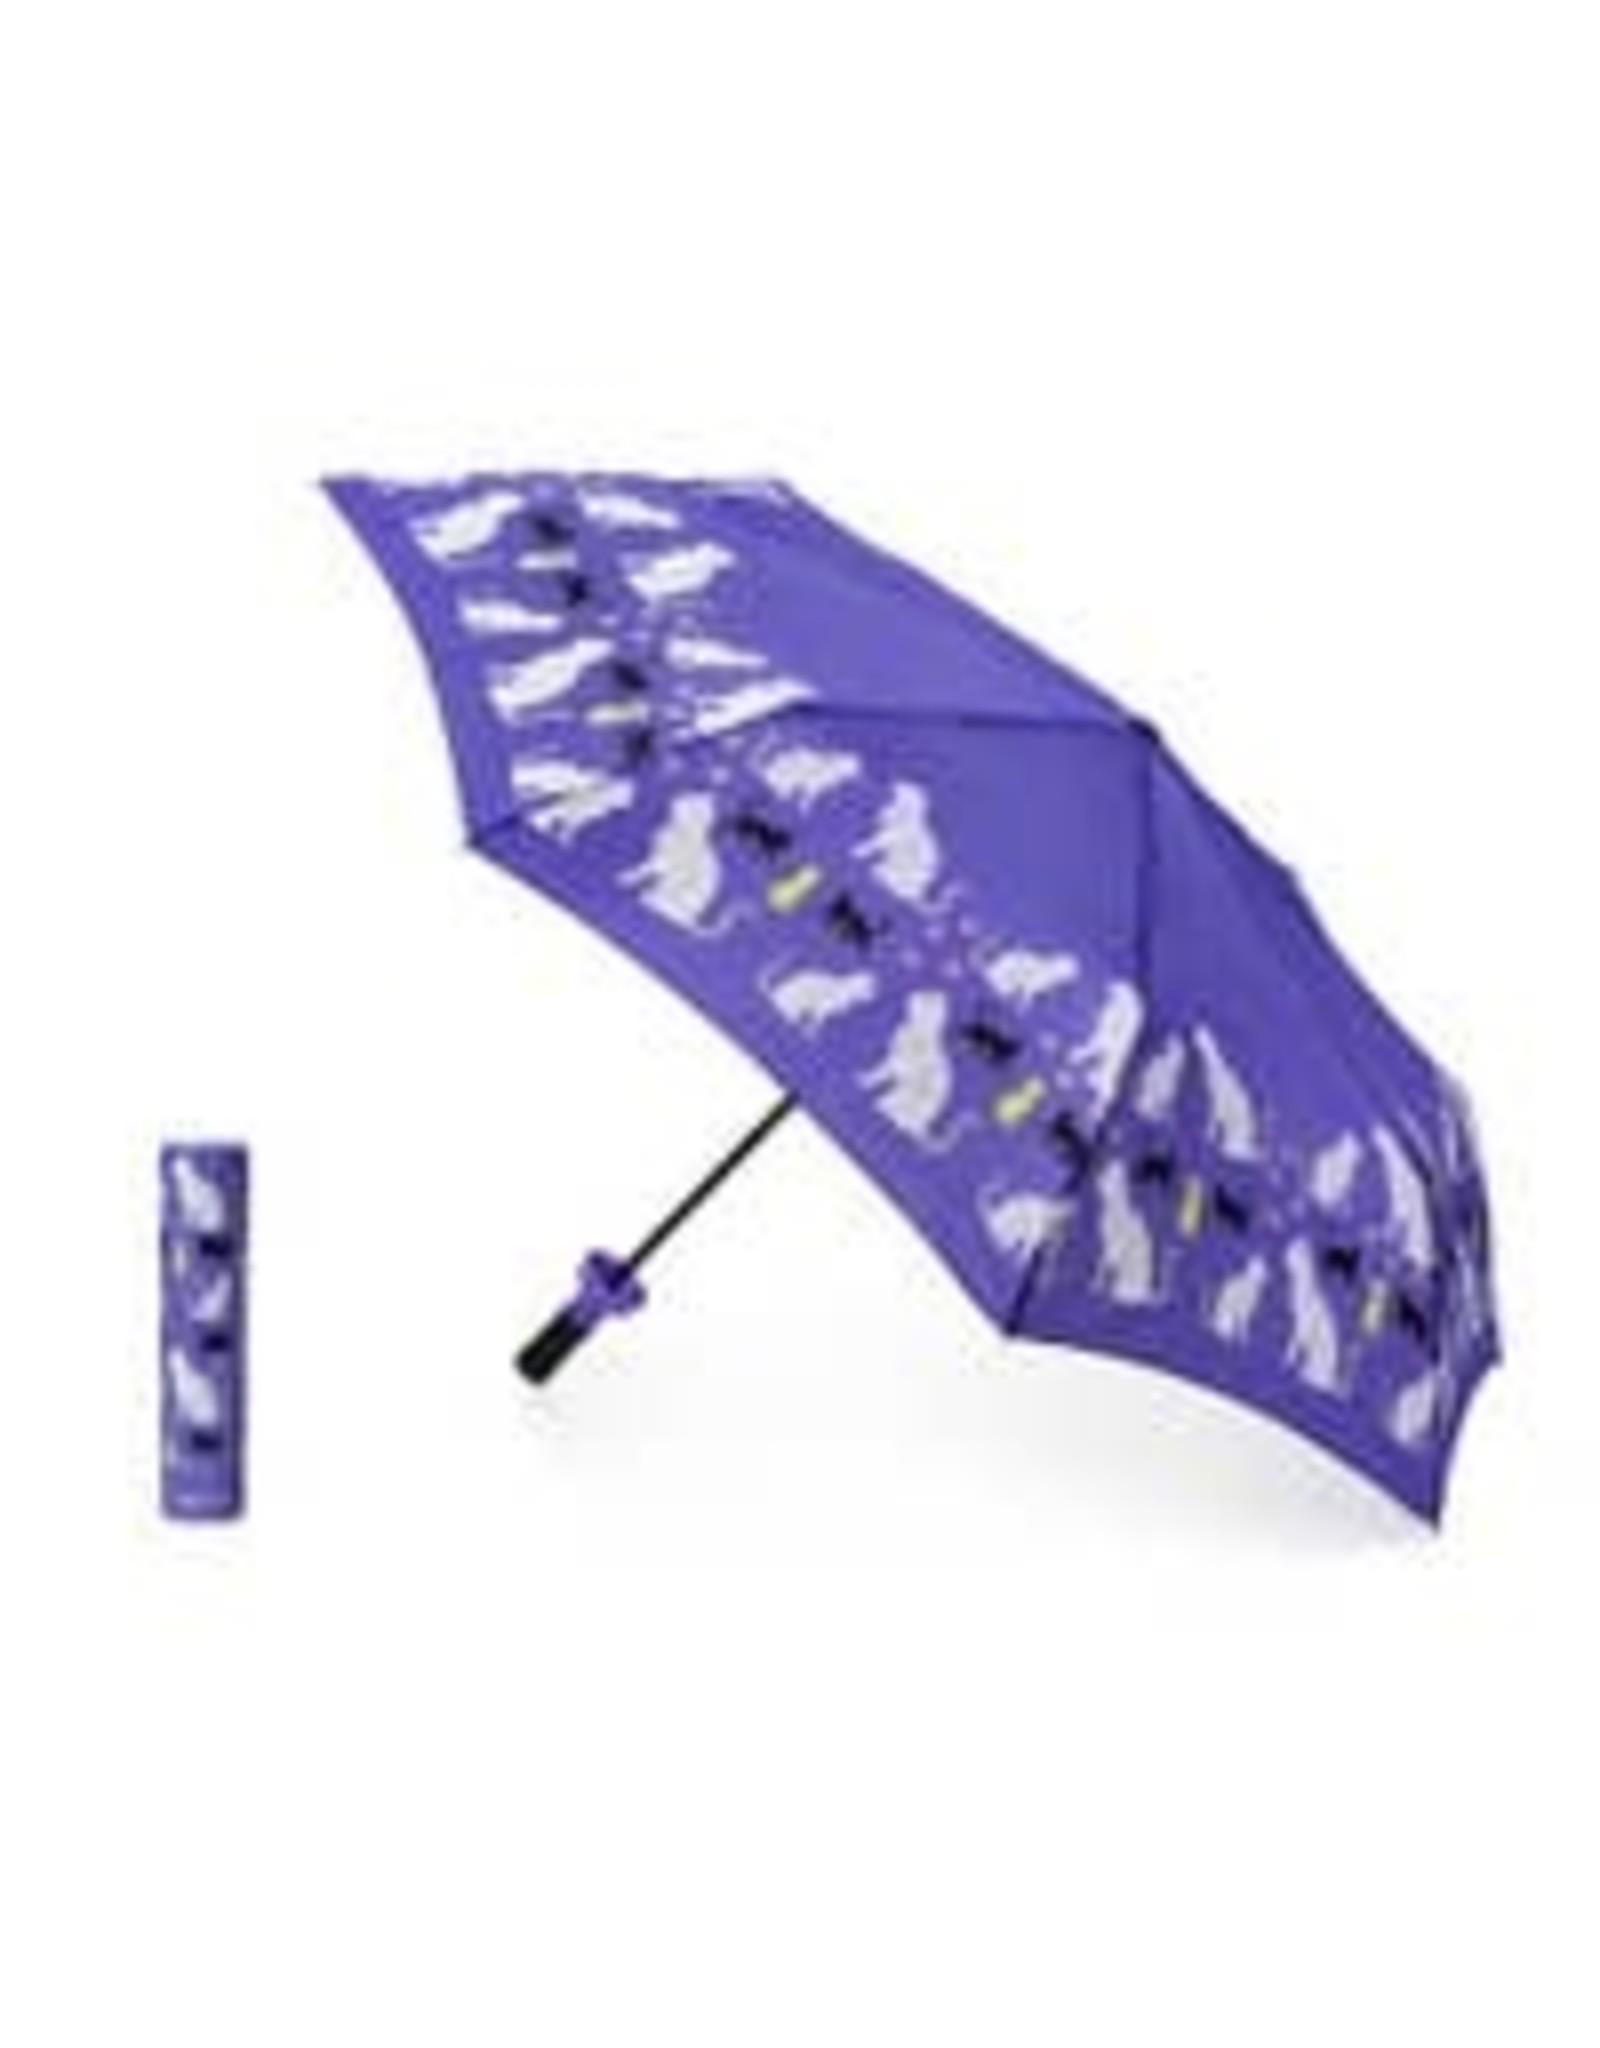 Purrfection Umbrella